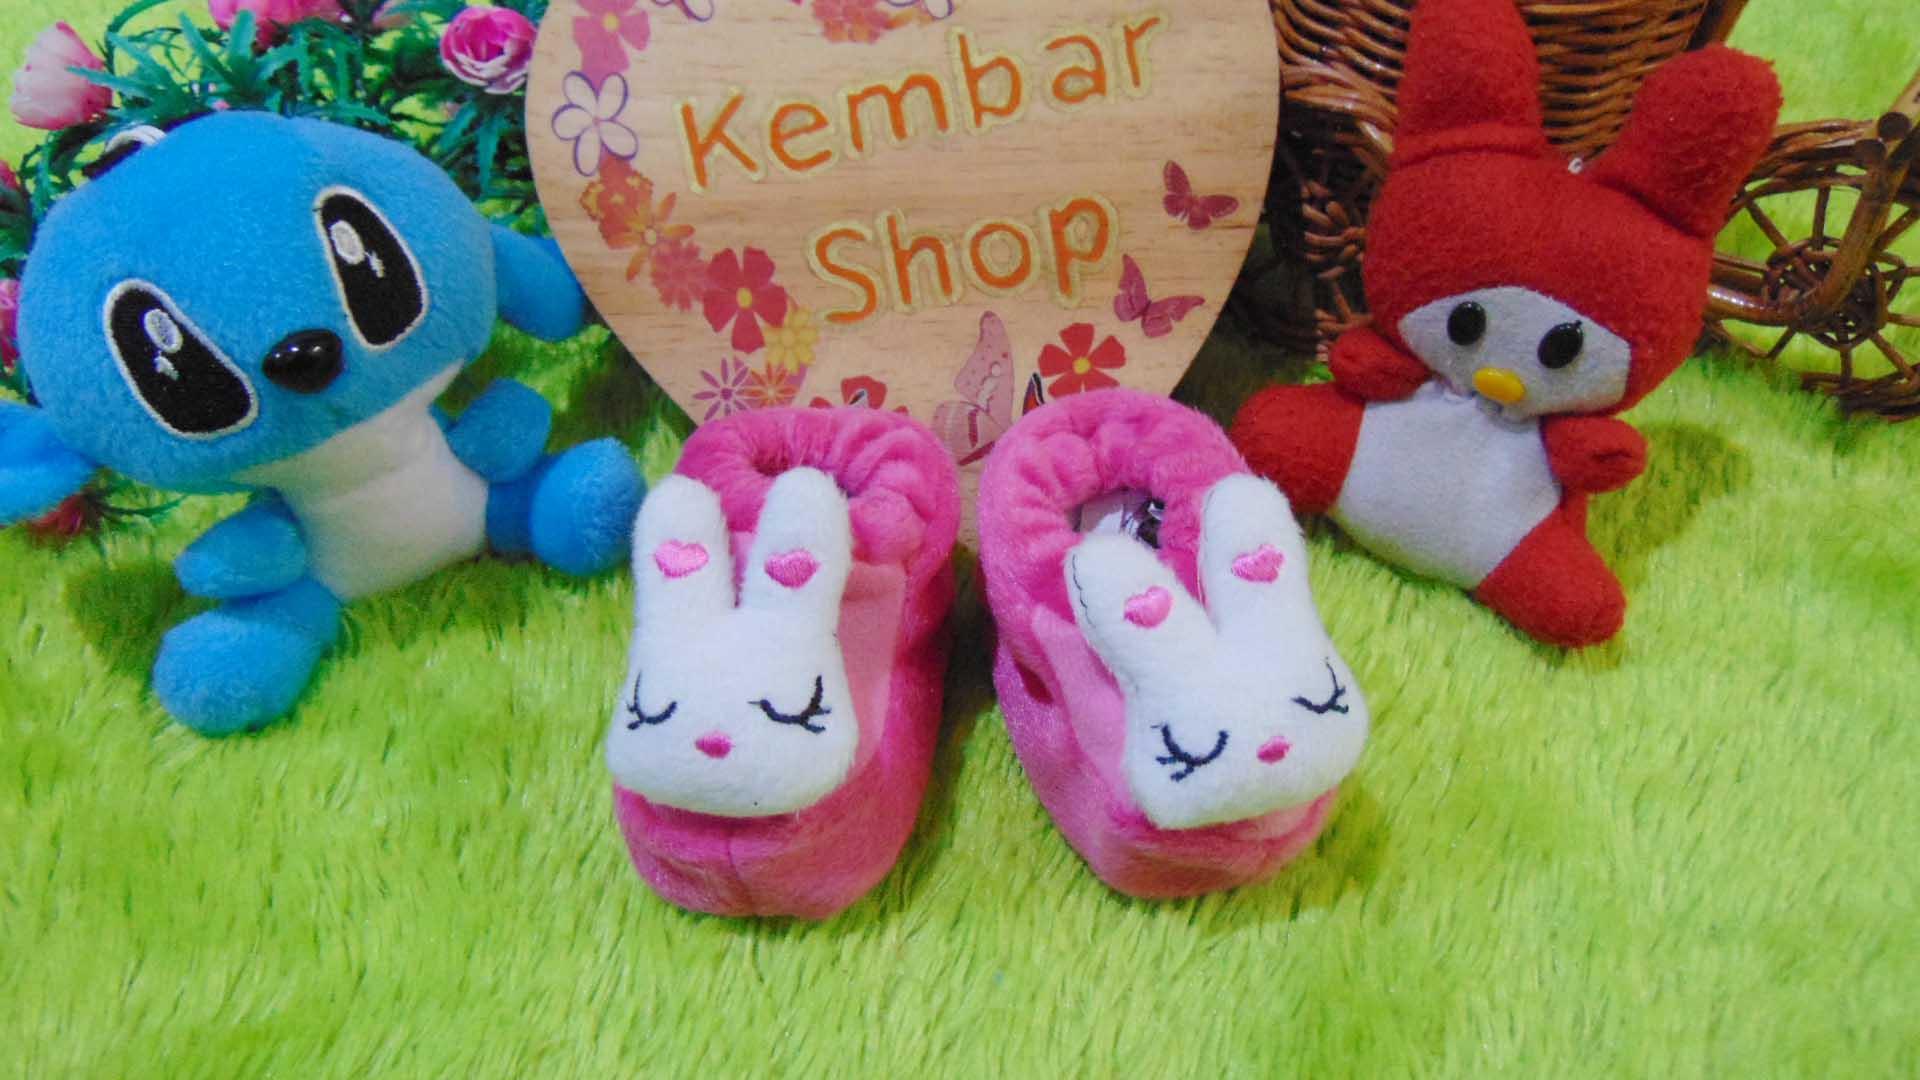 foto-utama-kado-bayi-baby-gift-set-sepatu-prewalker-alas-kaki-newborn-0-6bulan-lembut-motif-kelinci-syantik